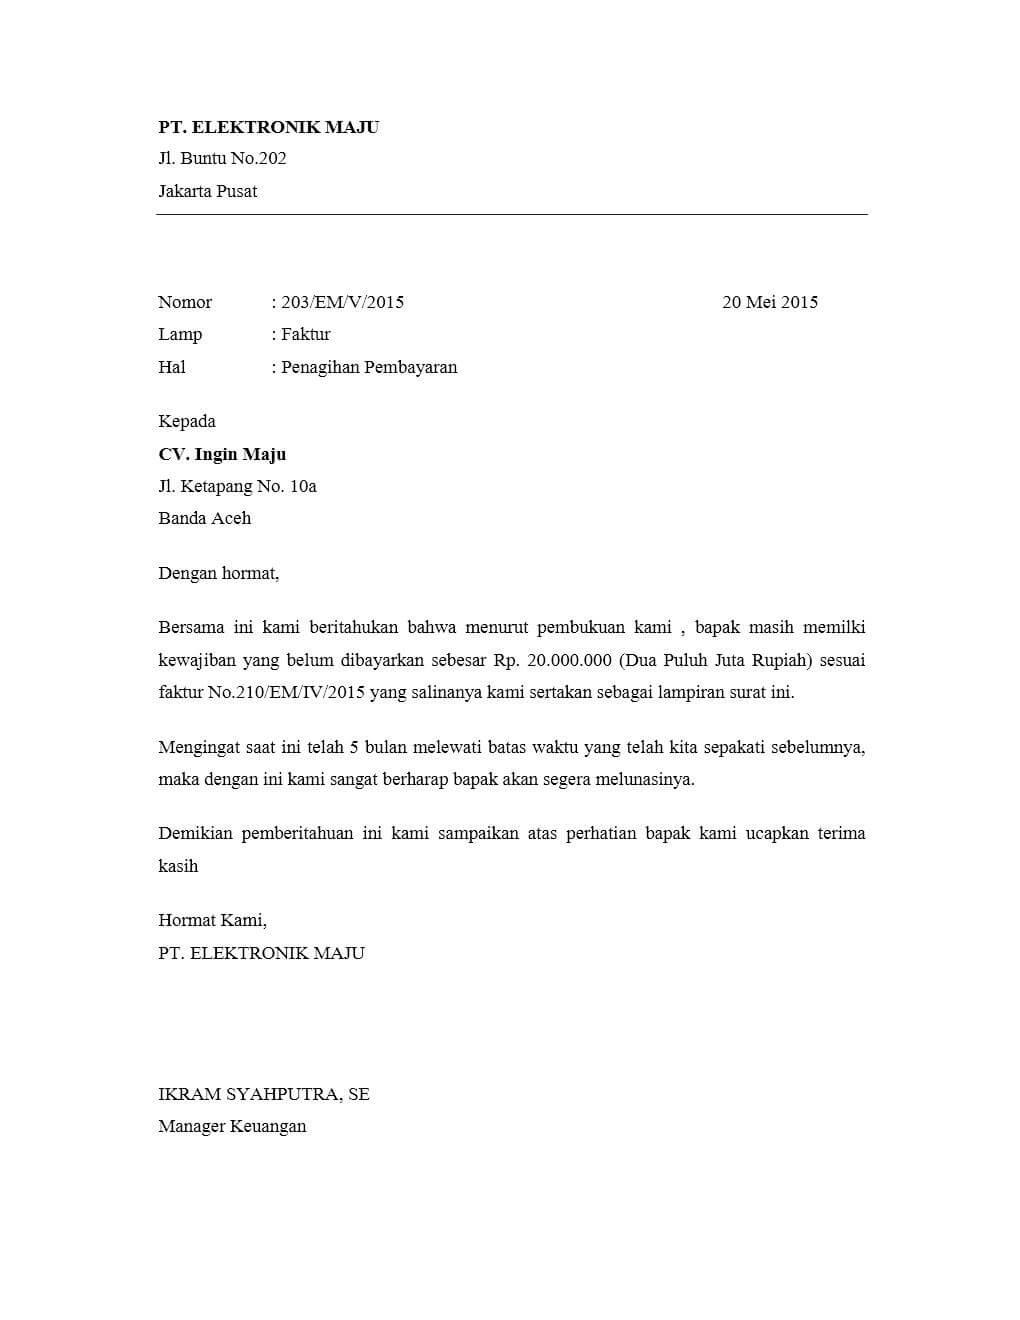 Contoh Surat Tugas Penagihan Hutang